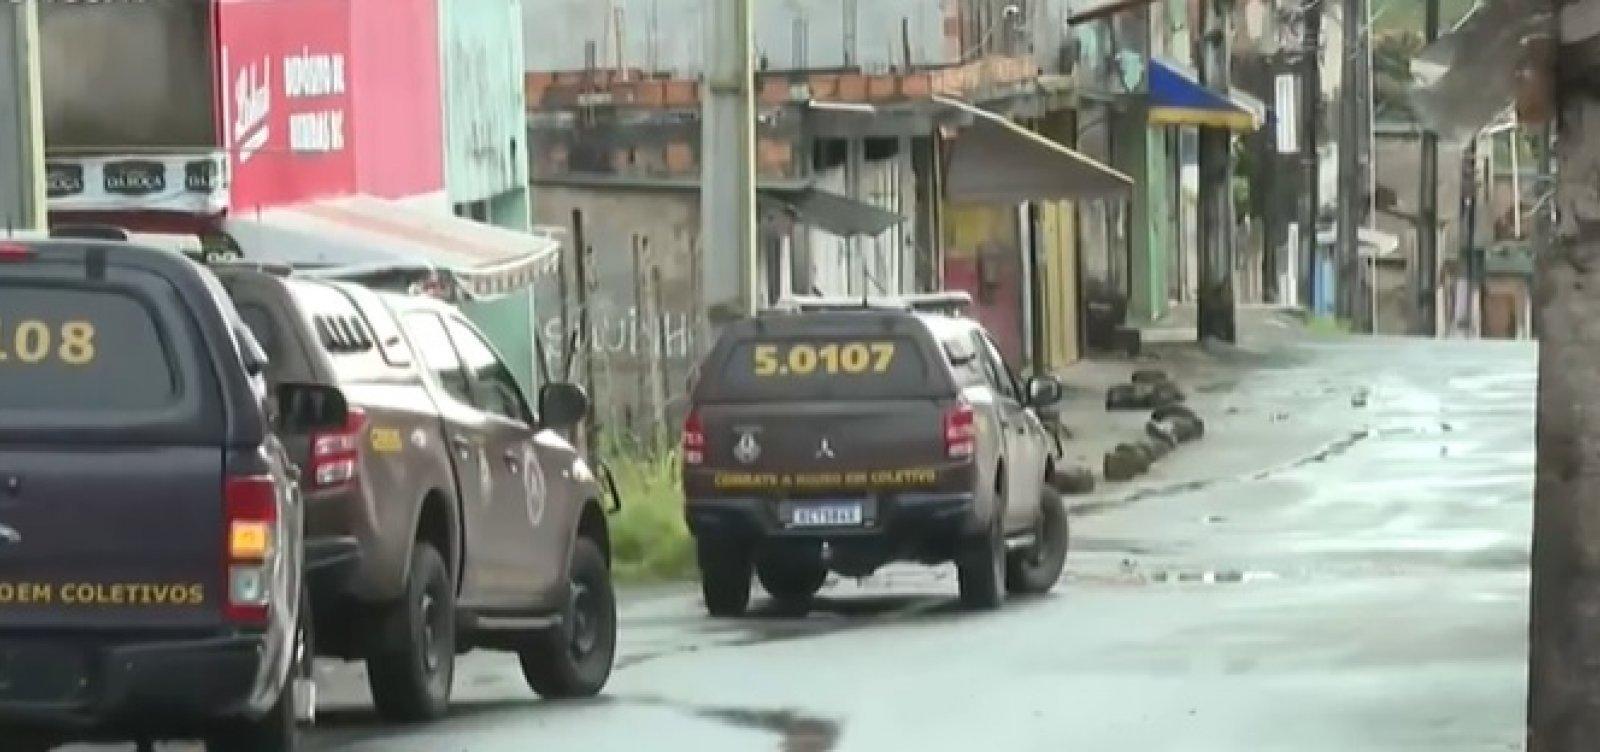 Catador é confundido com traficante e é morto no bairro de Valéria